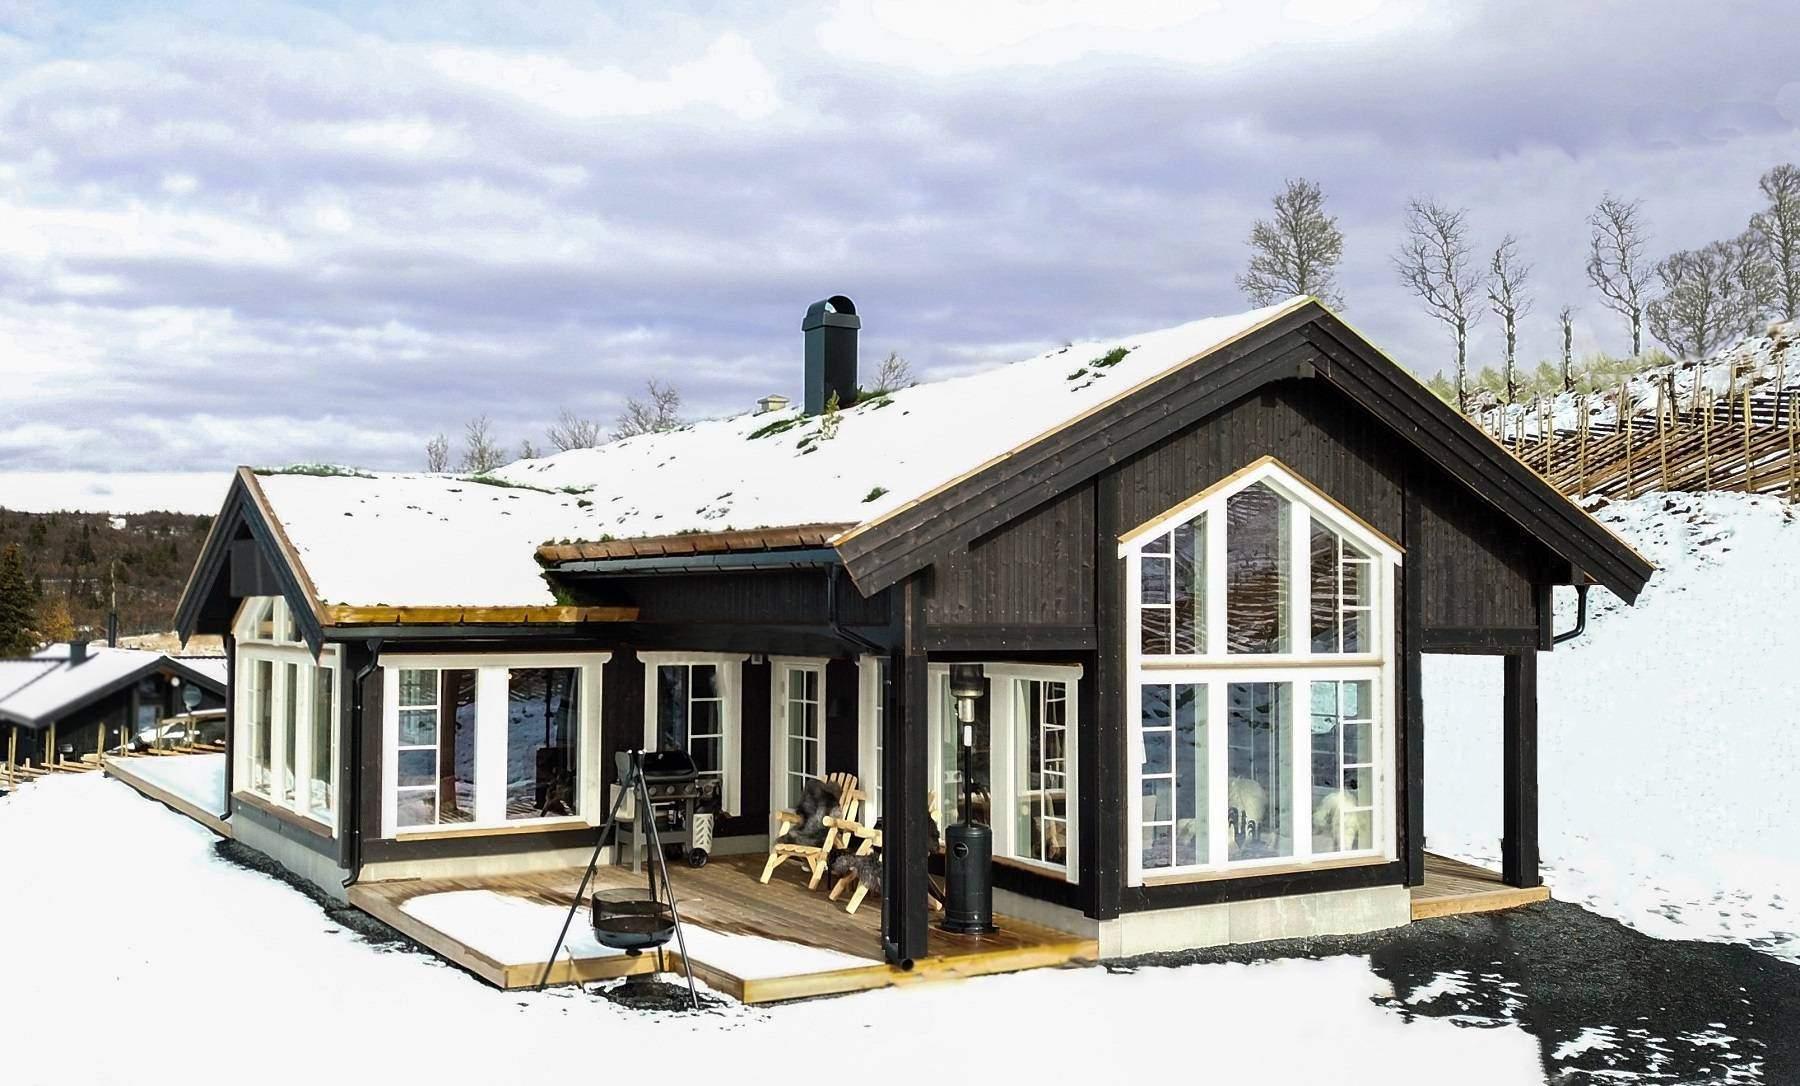 22 Hyttemodell Stryn 122 – Spisestue og stue i koselige vinkler med lune terrasser. Hytteleverandør Tiurtoppen Hytter